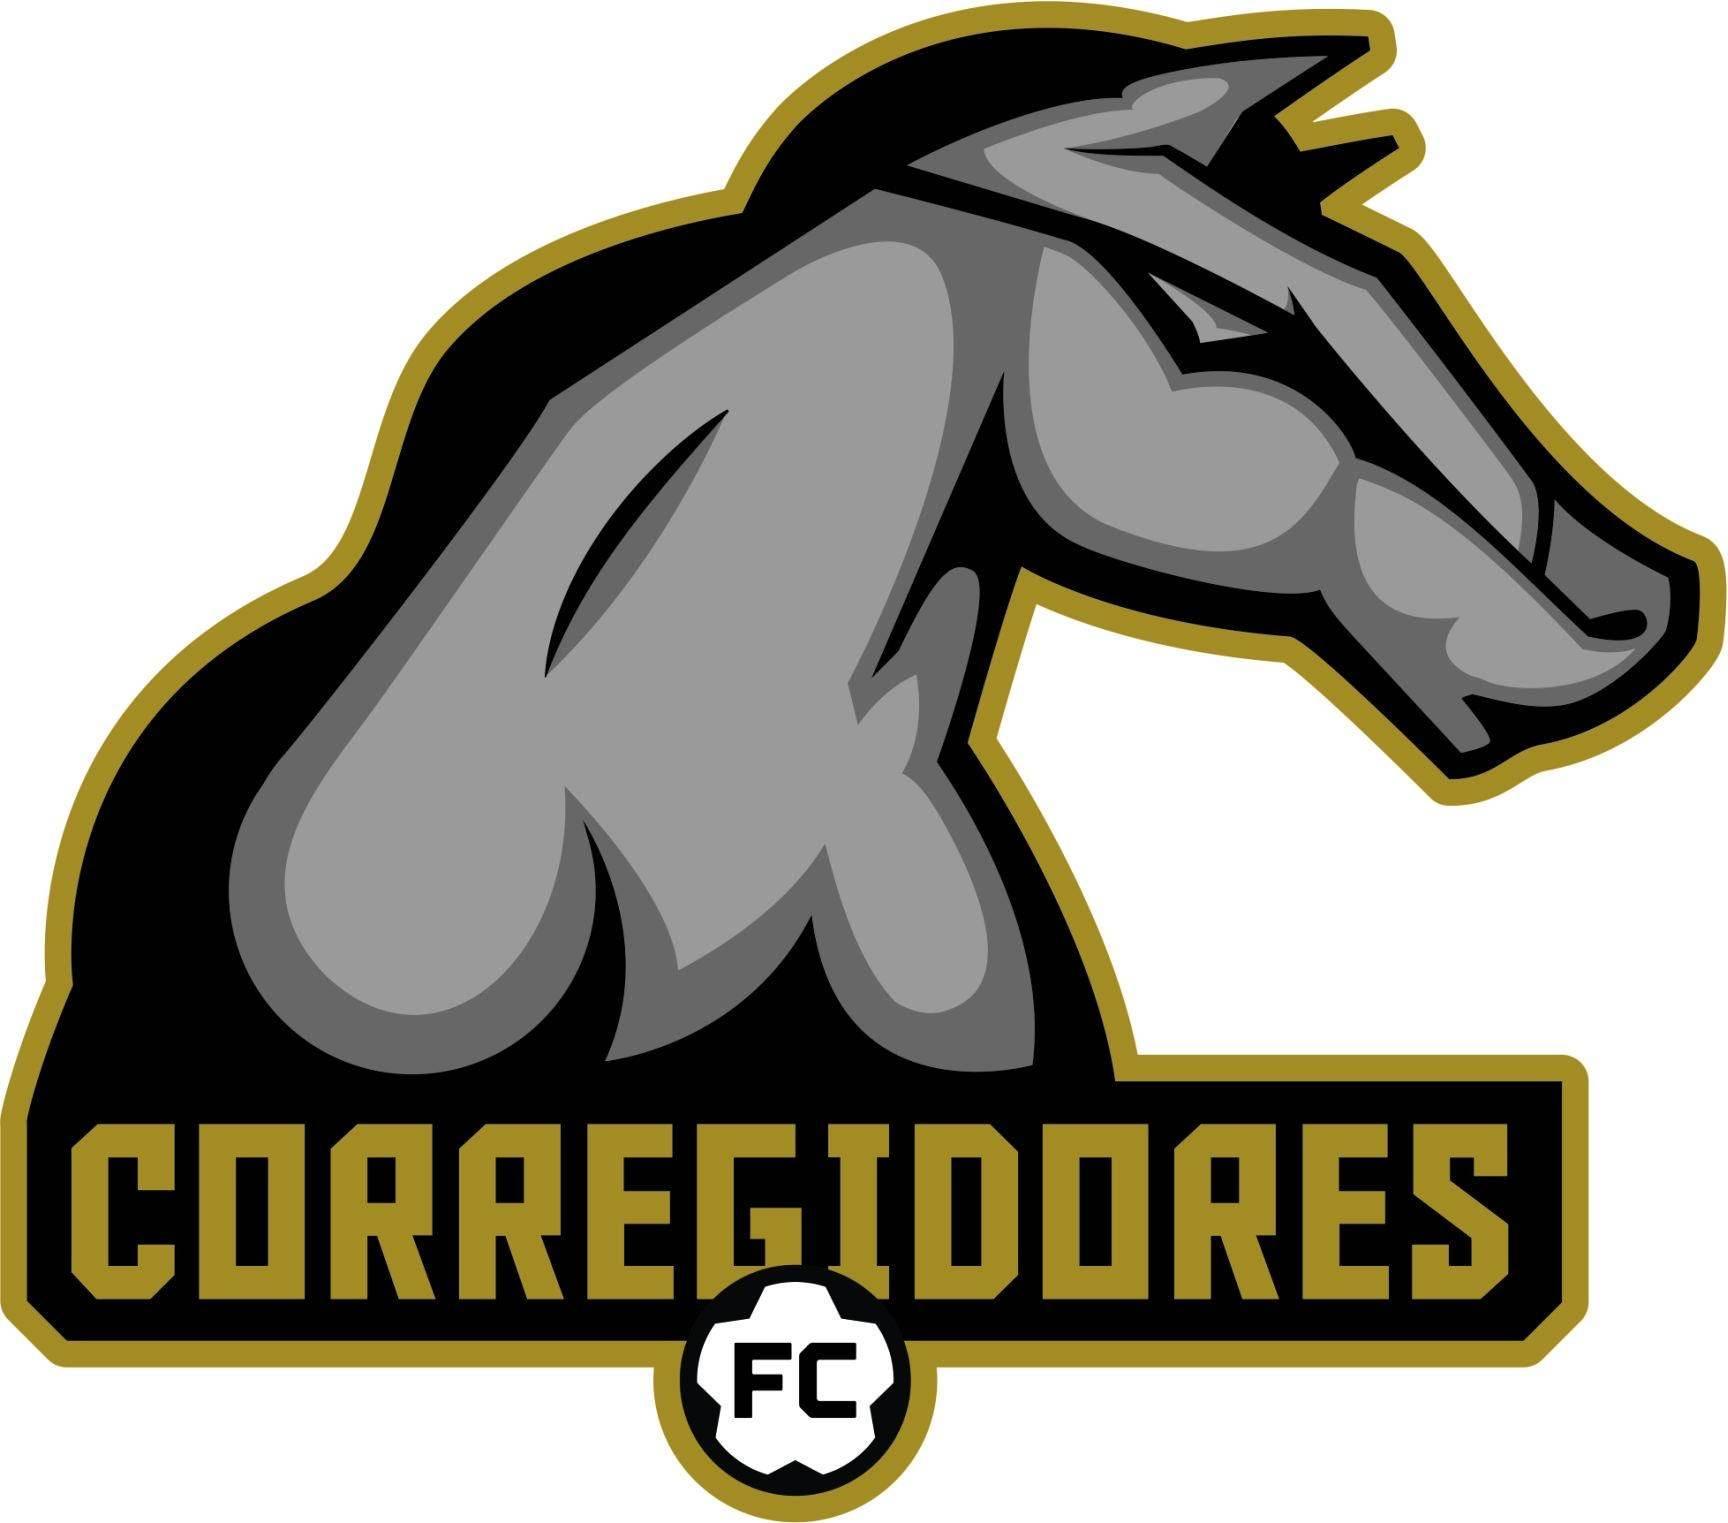 Corregidores F.C. cierra con broche de oro